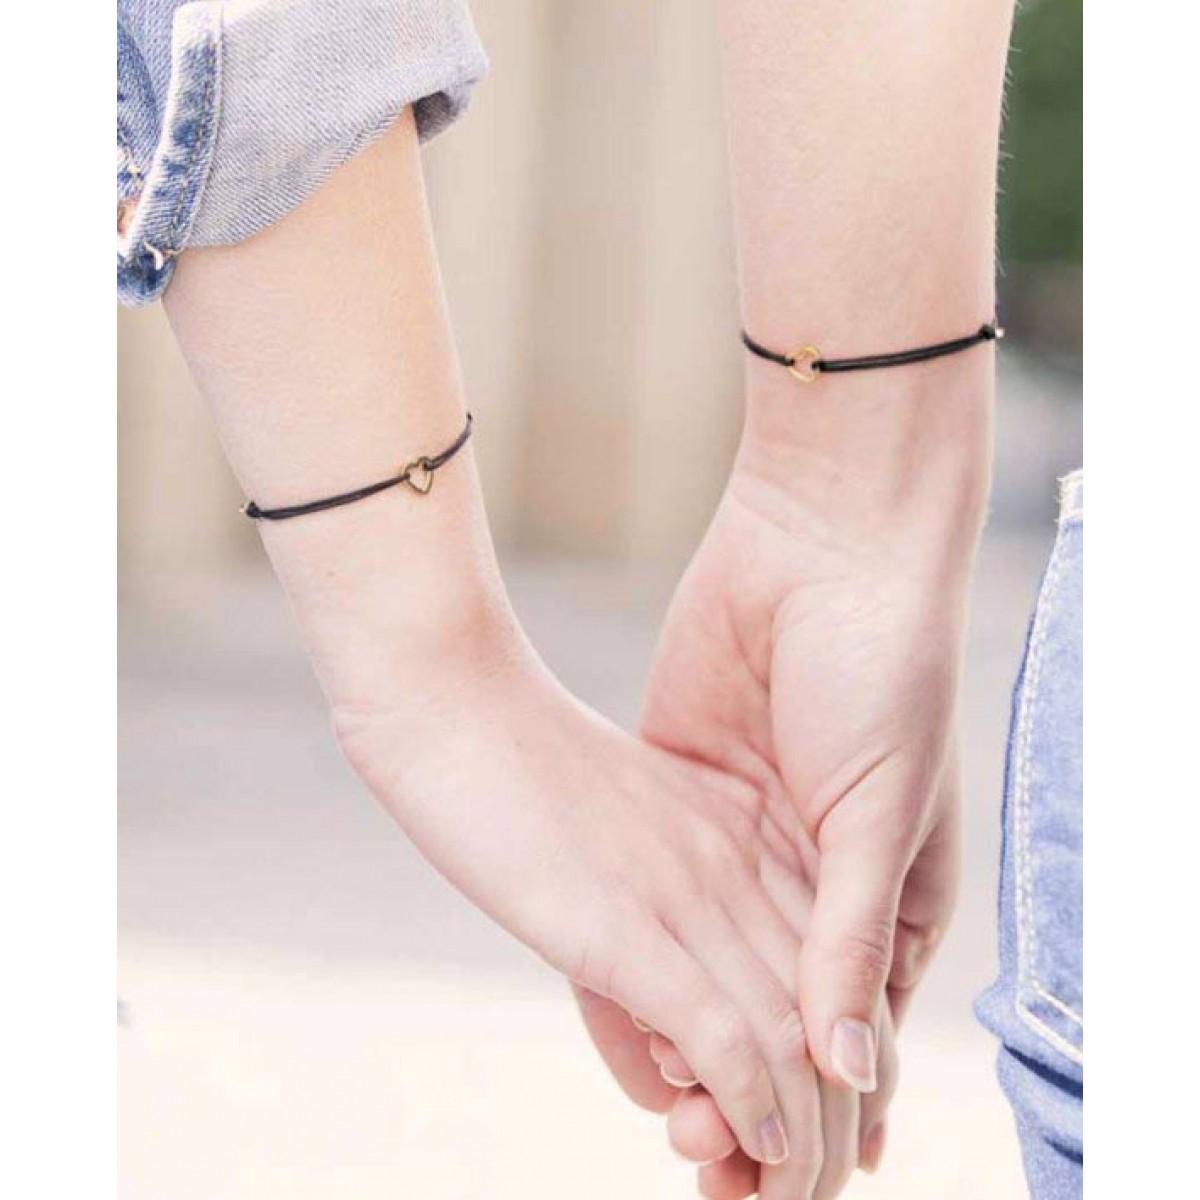 Oh Bracelet Berlin - Armbandset Mutter & Tochter